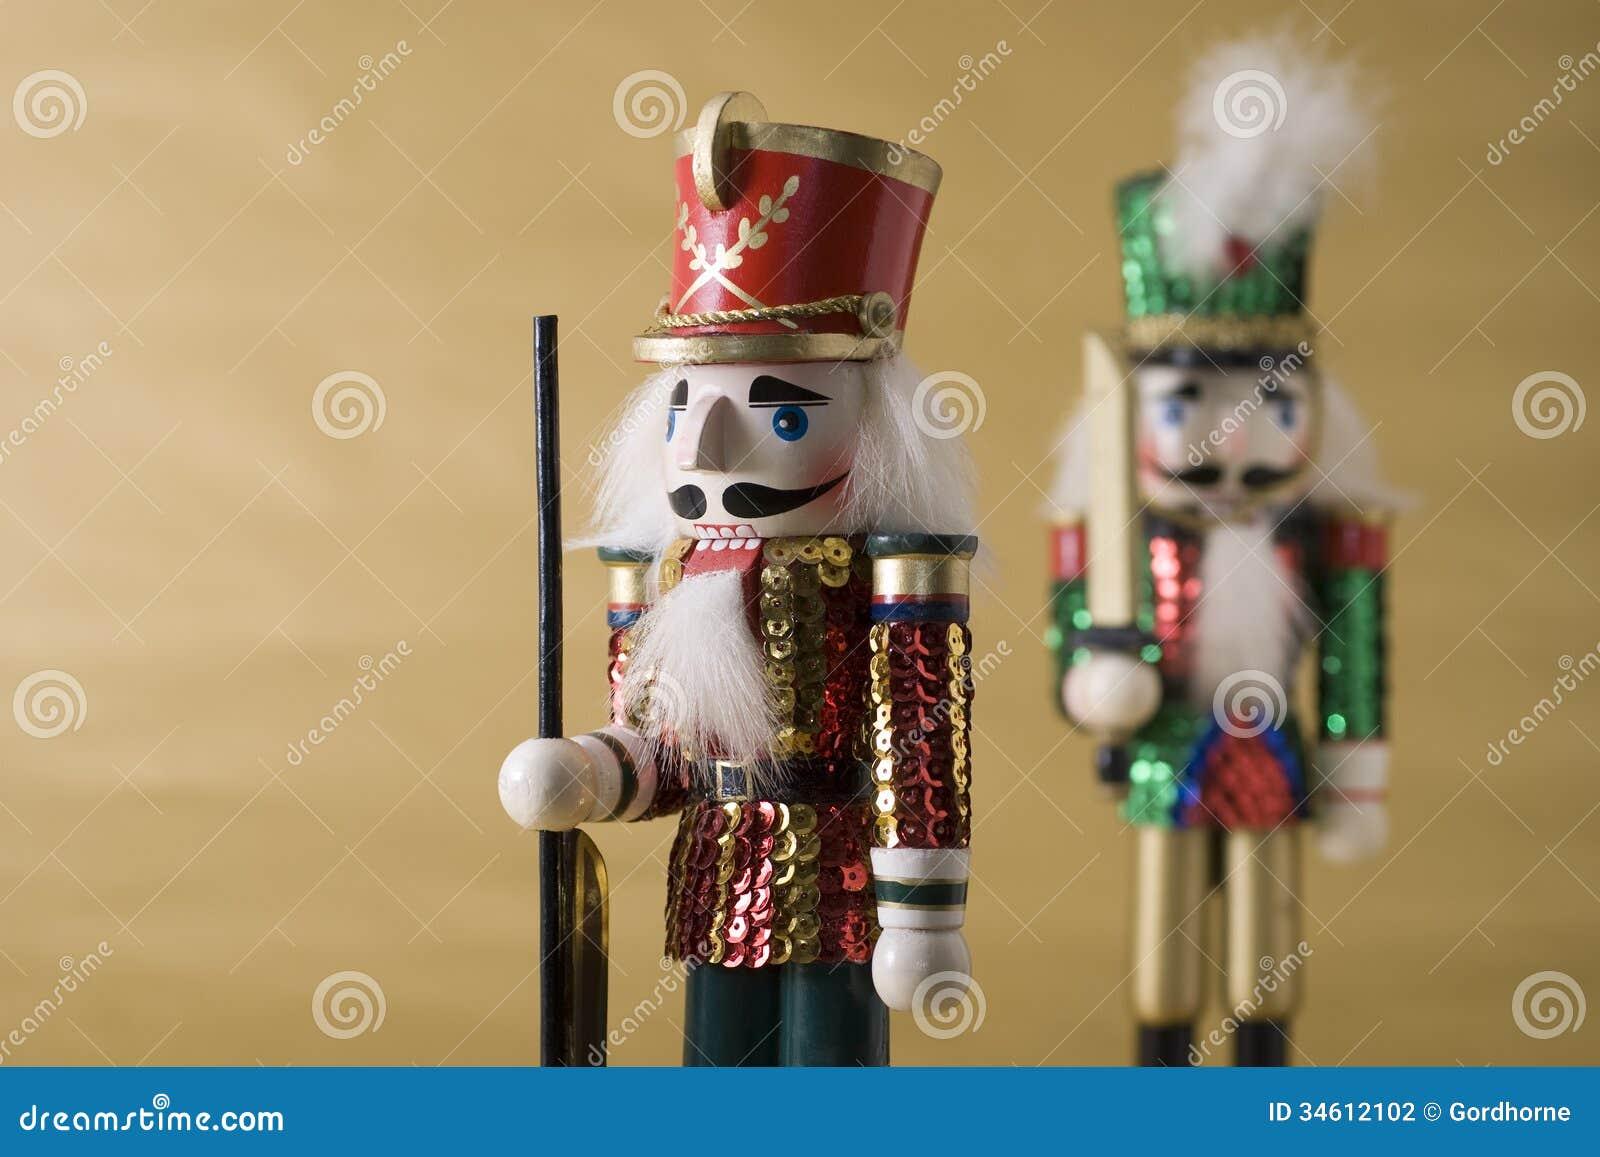 Weihnachtsschlitten stockfoto. Bild von sleigh, platz - 34612102